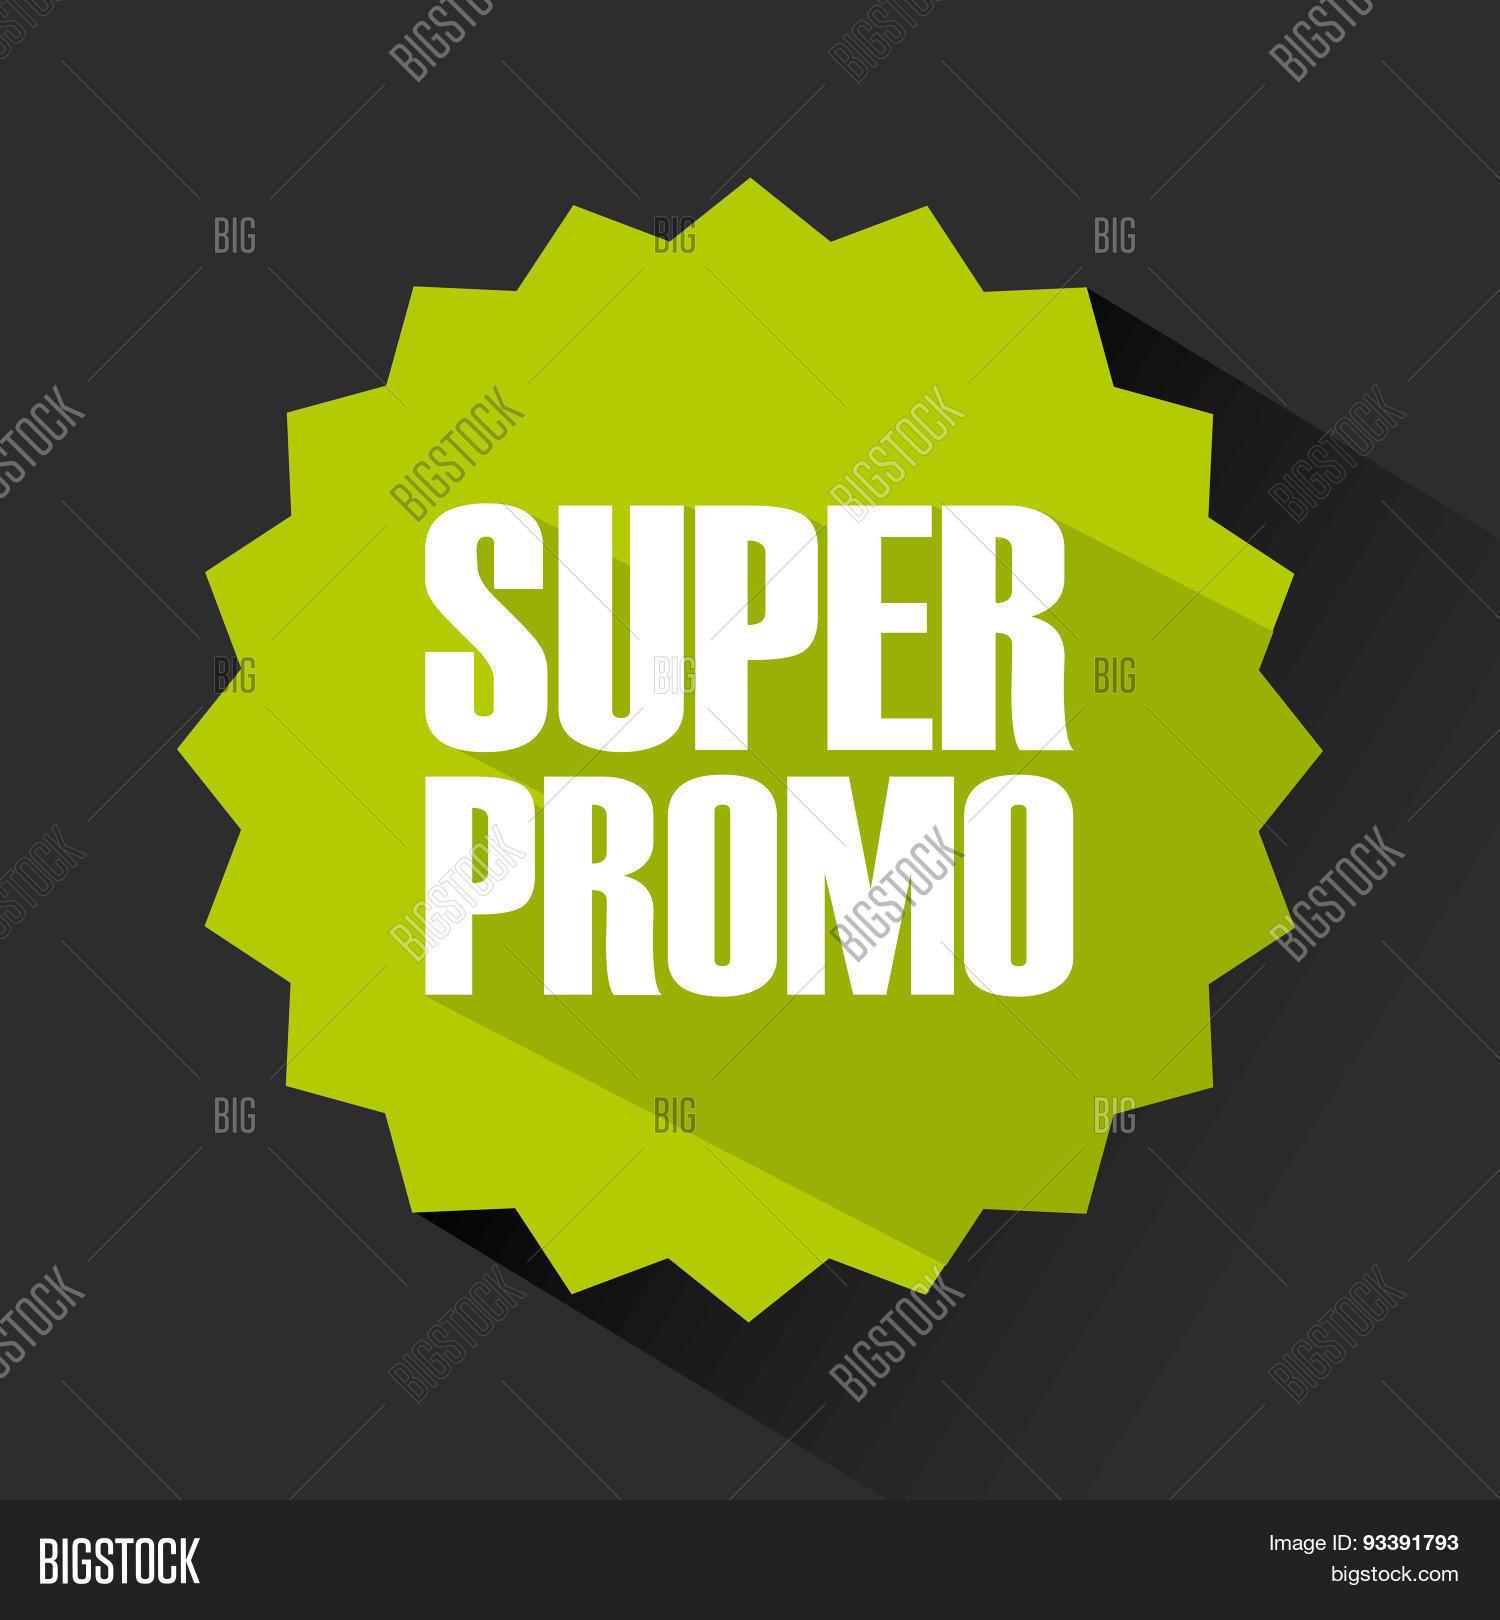 Super Promo Design Vector & Photo (Free Trial) | Bigstock